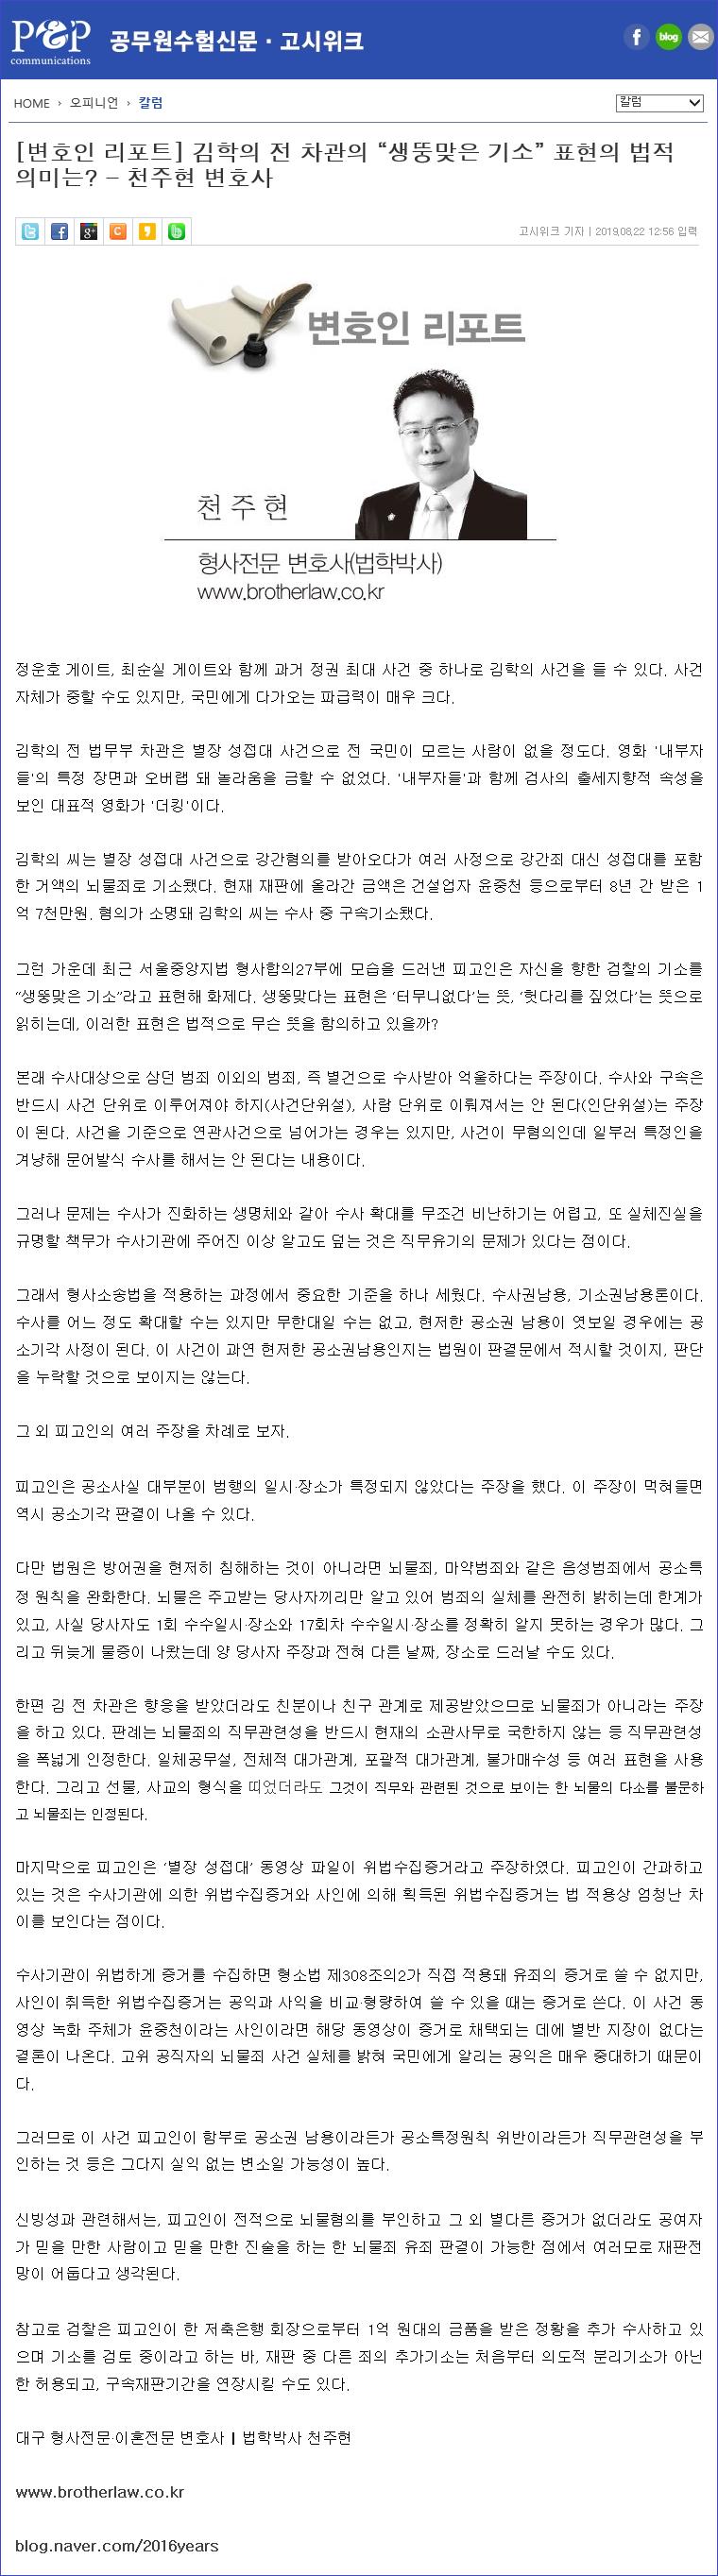 190822-고시위크 온라인 기사(변호인 리포트-김학의 전 차관)-블로그용.png